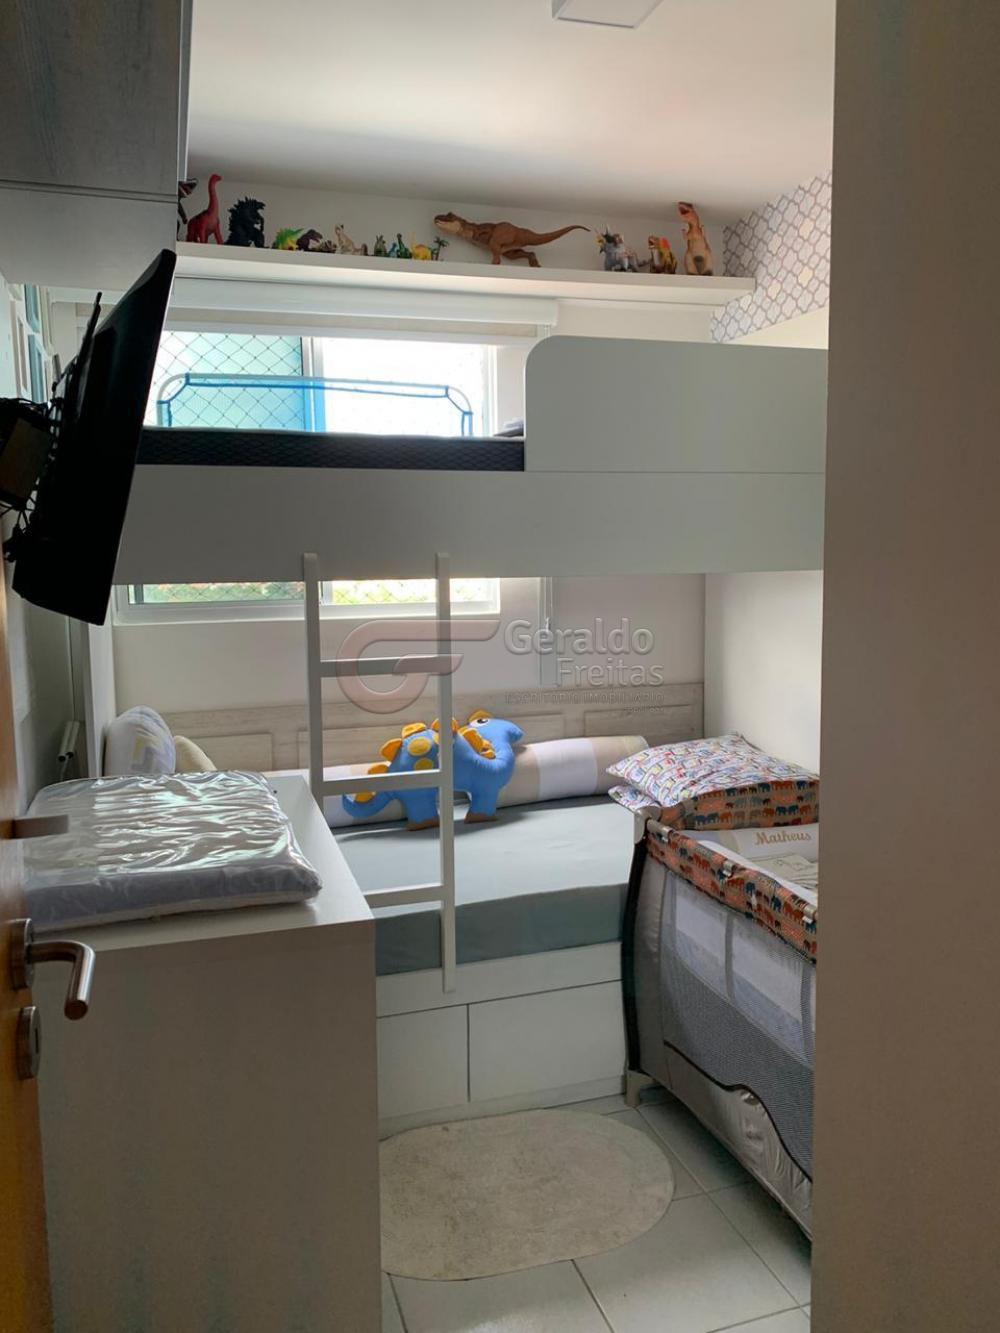 Comprar Apartamentos / Padrão em Maceió apenas R$ 275.000,00 - Foto 5